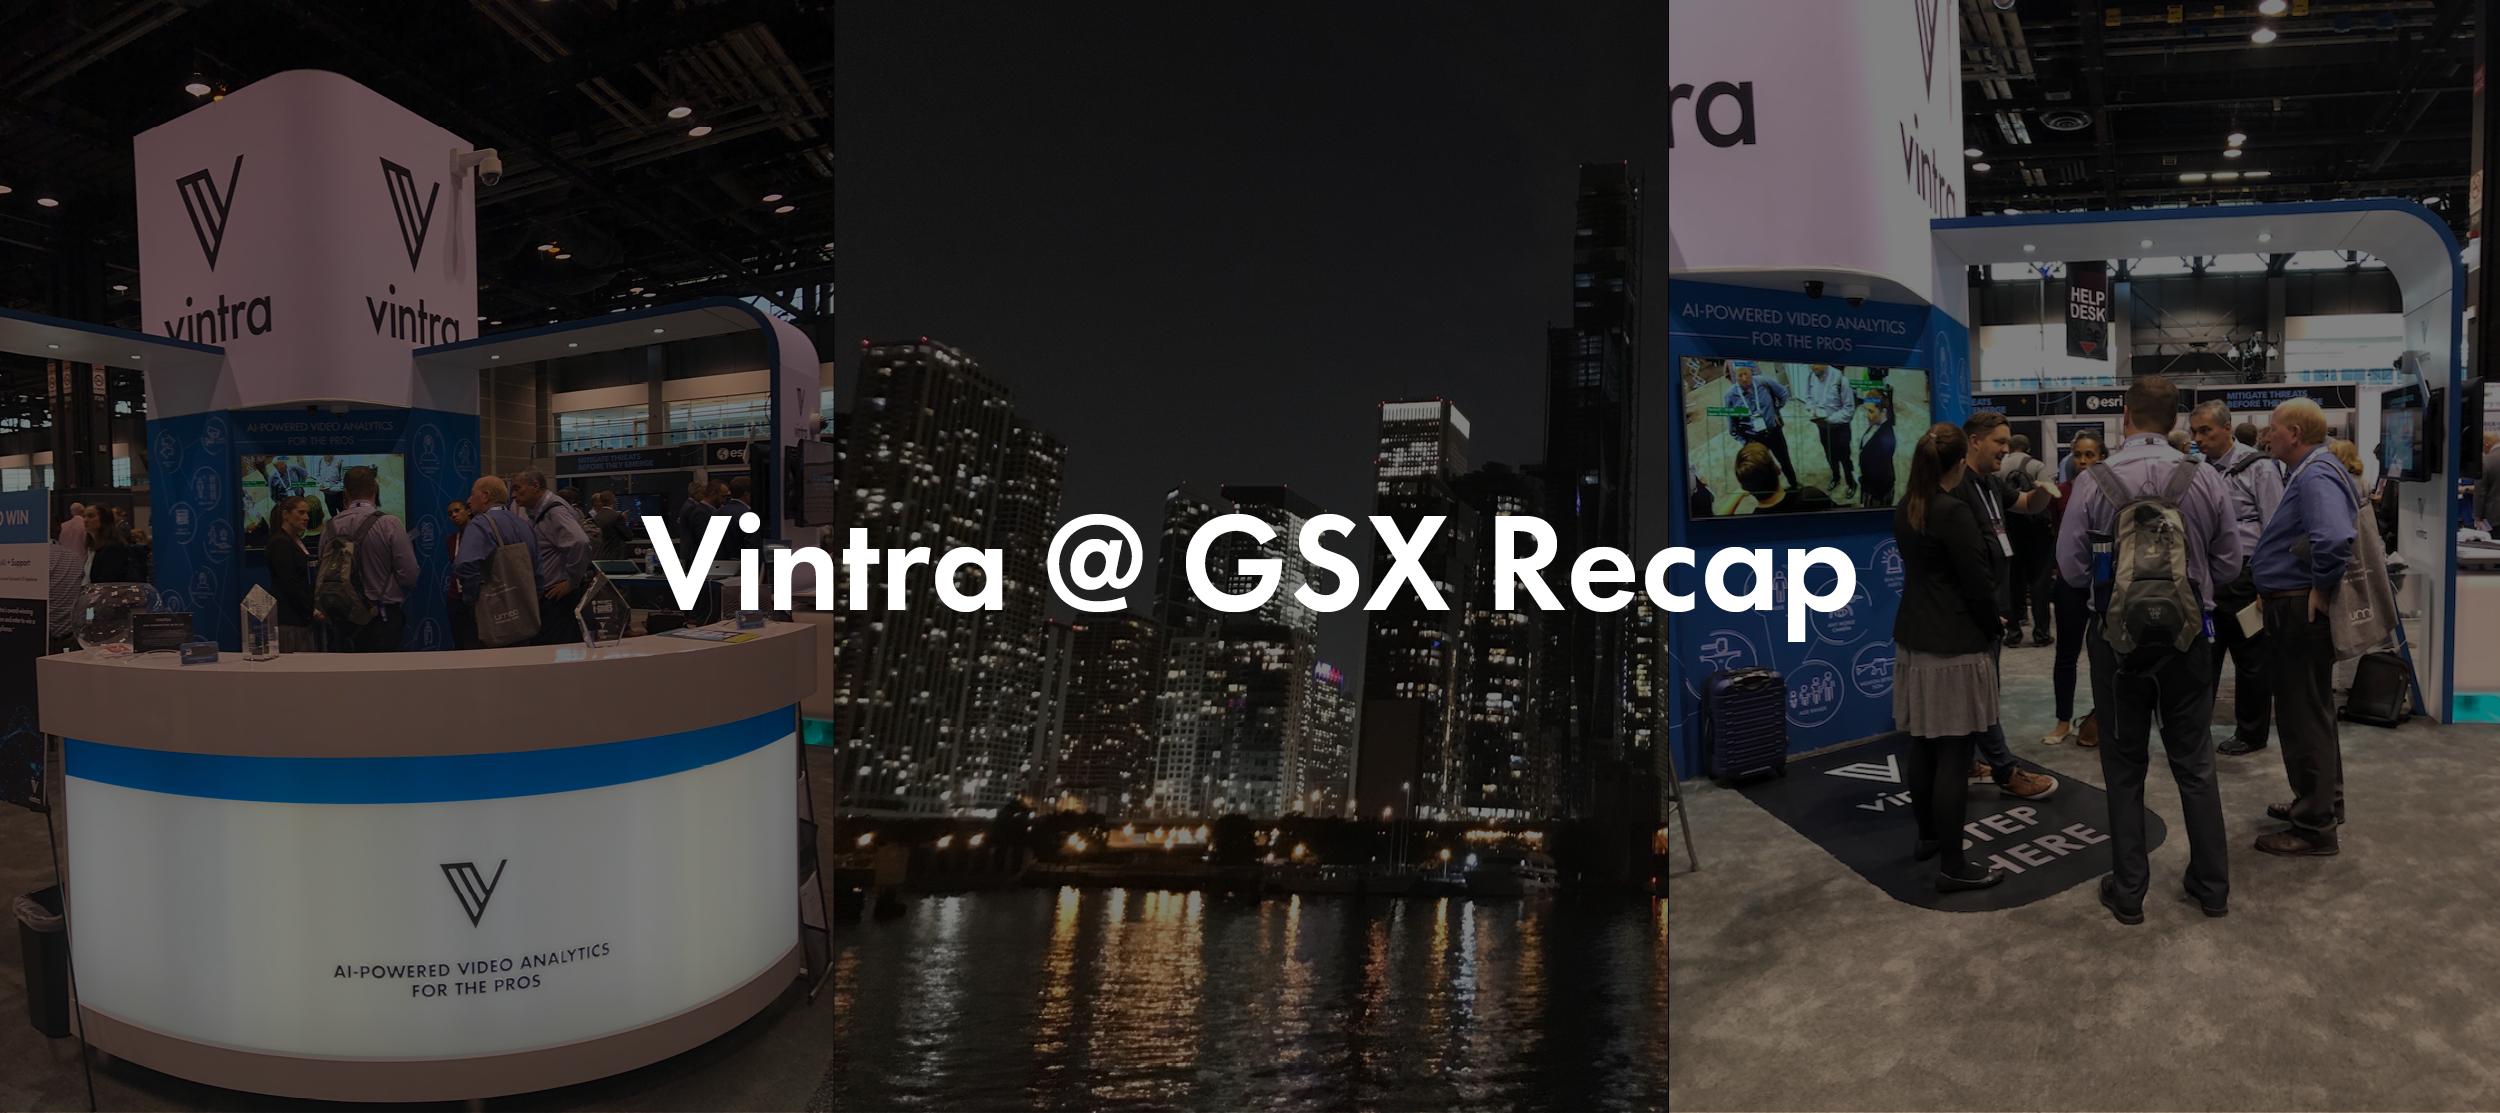 GSX Recap